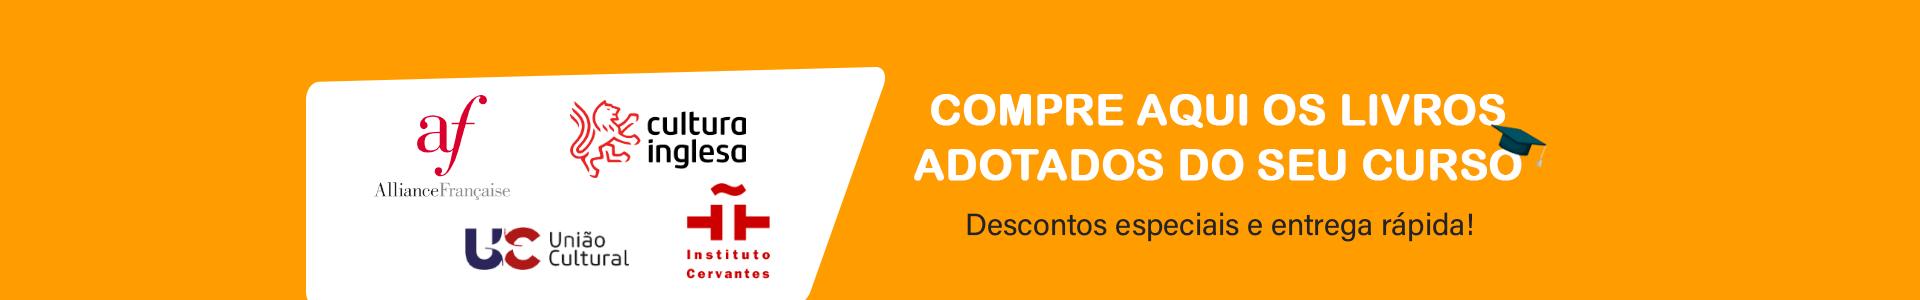 Adotados Idiomas - Desktop